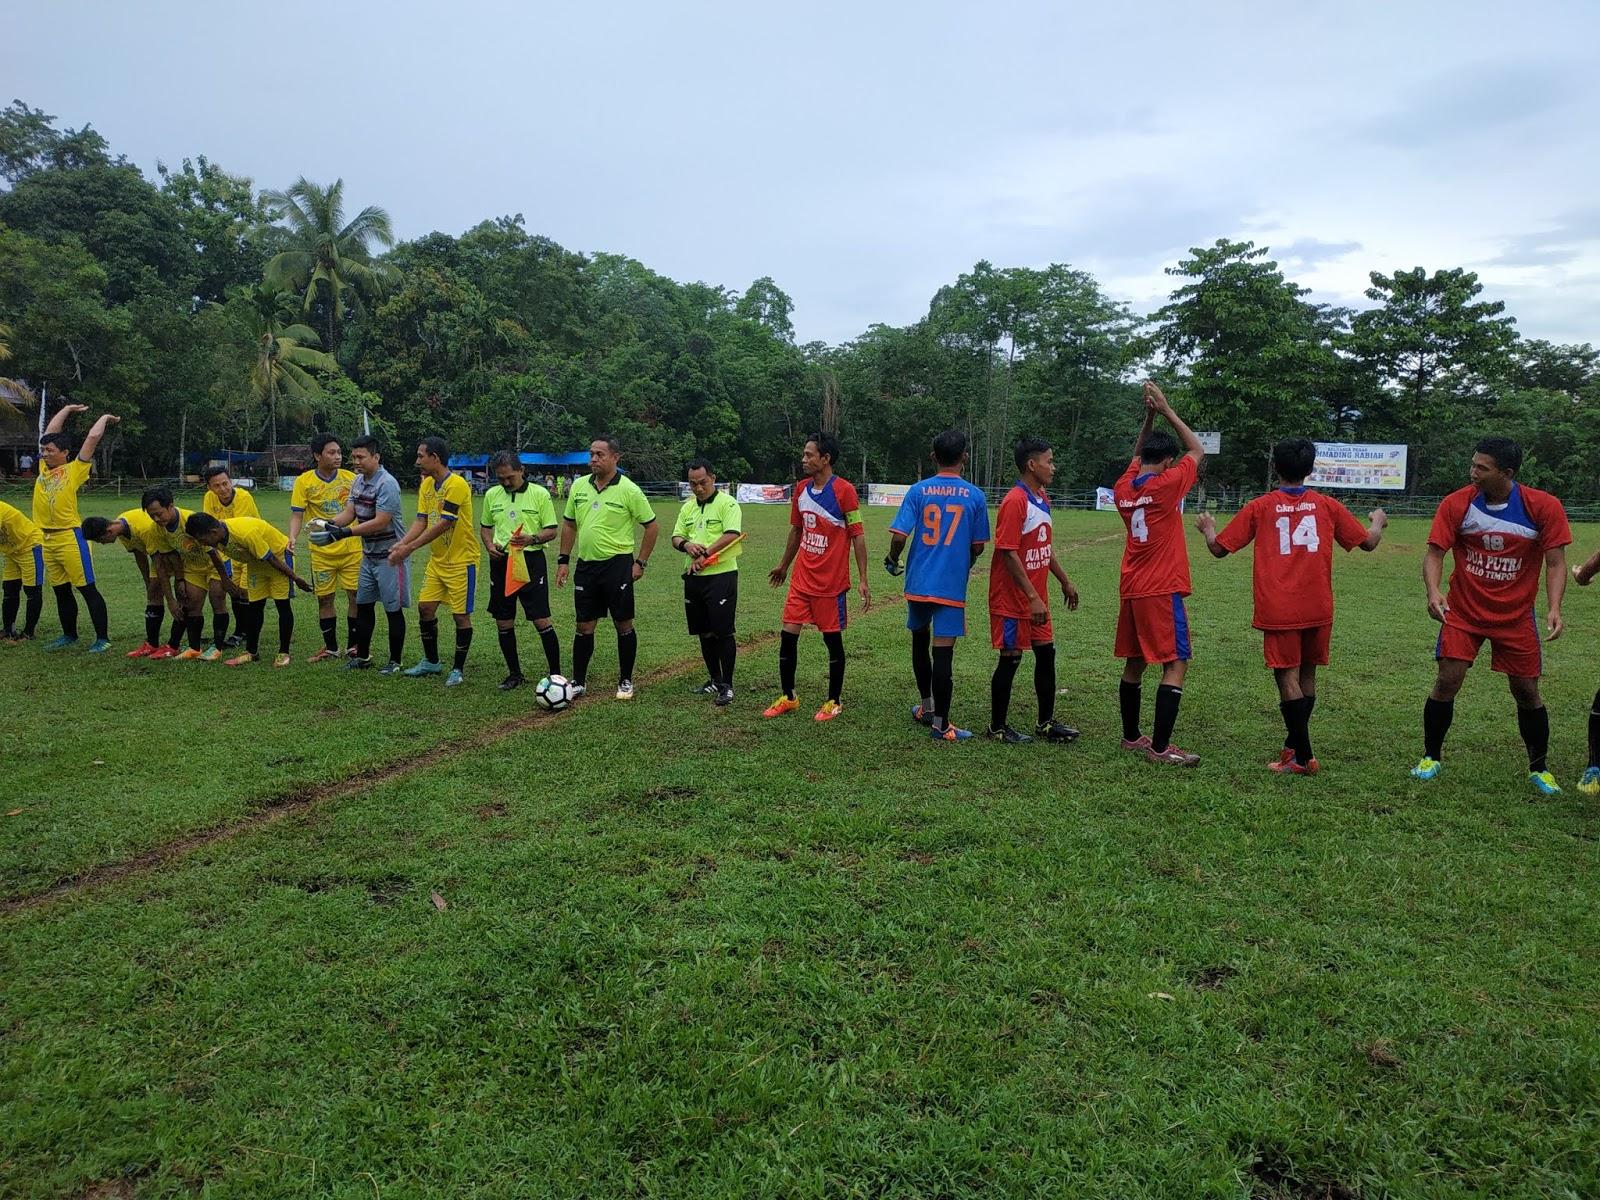 Ahmading-St Rabiah Cup, Tim Tuan Rumah Tumbang Dihadapan Pendukungnya